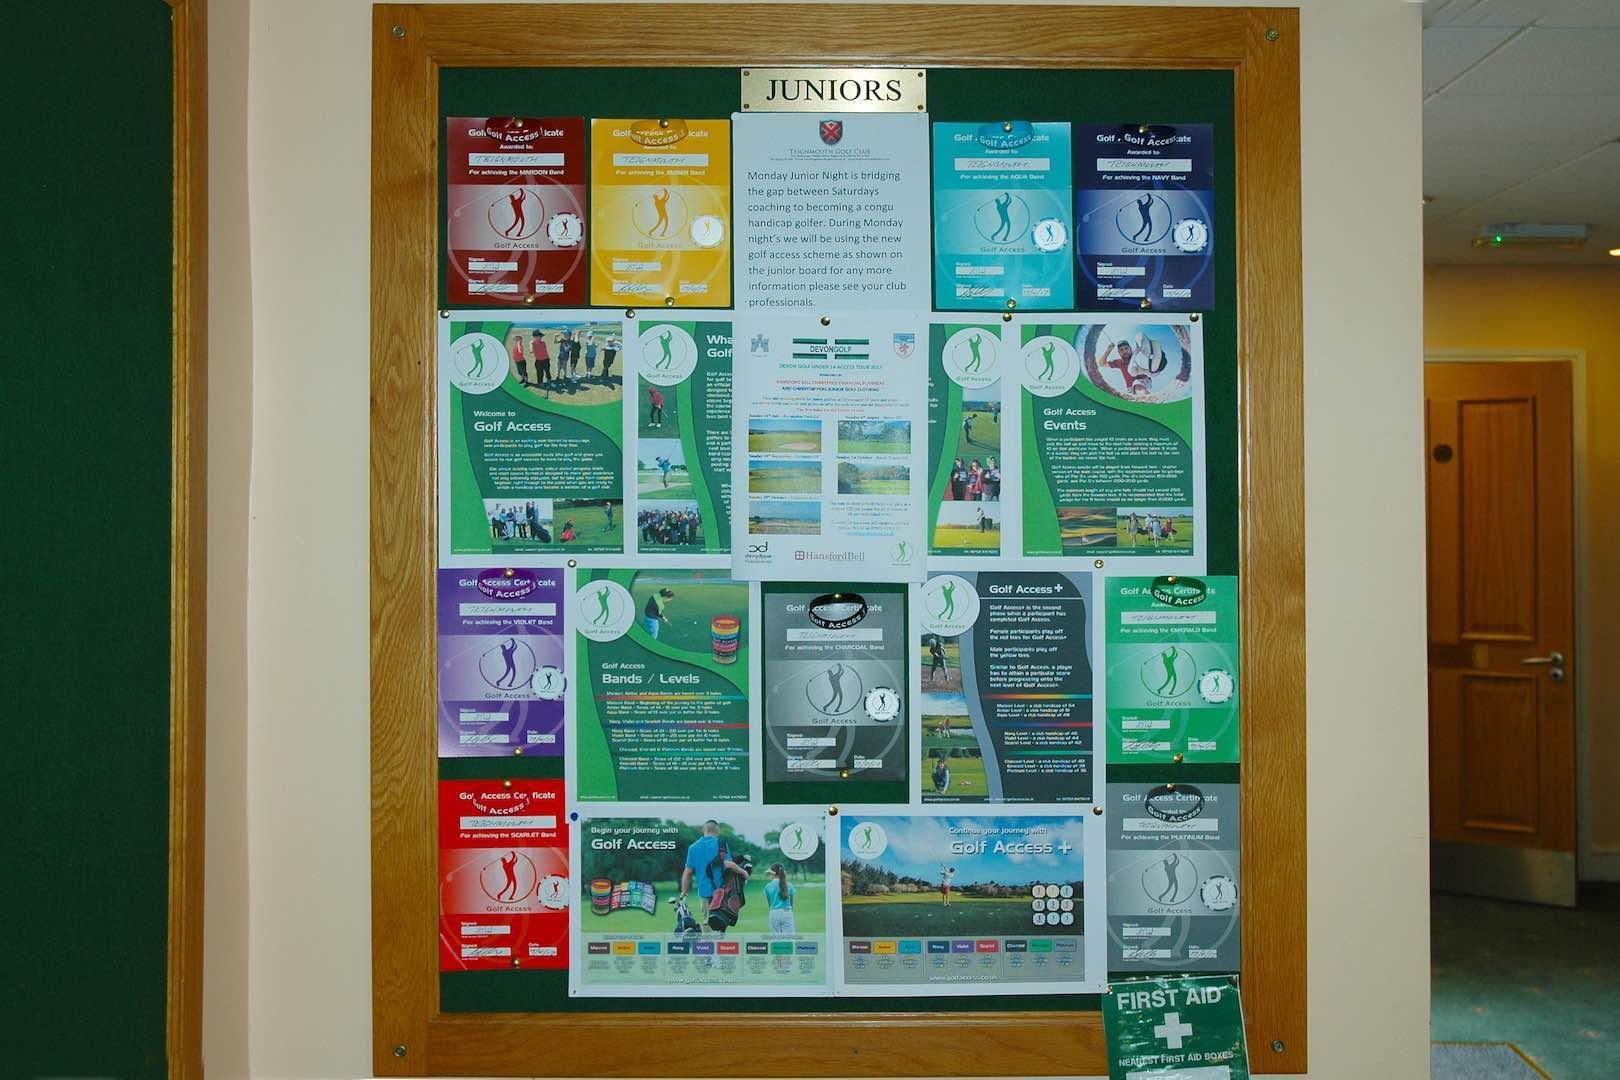 Introducing Golf Access